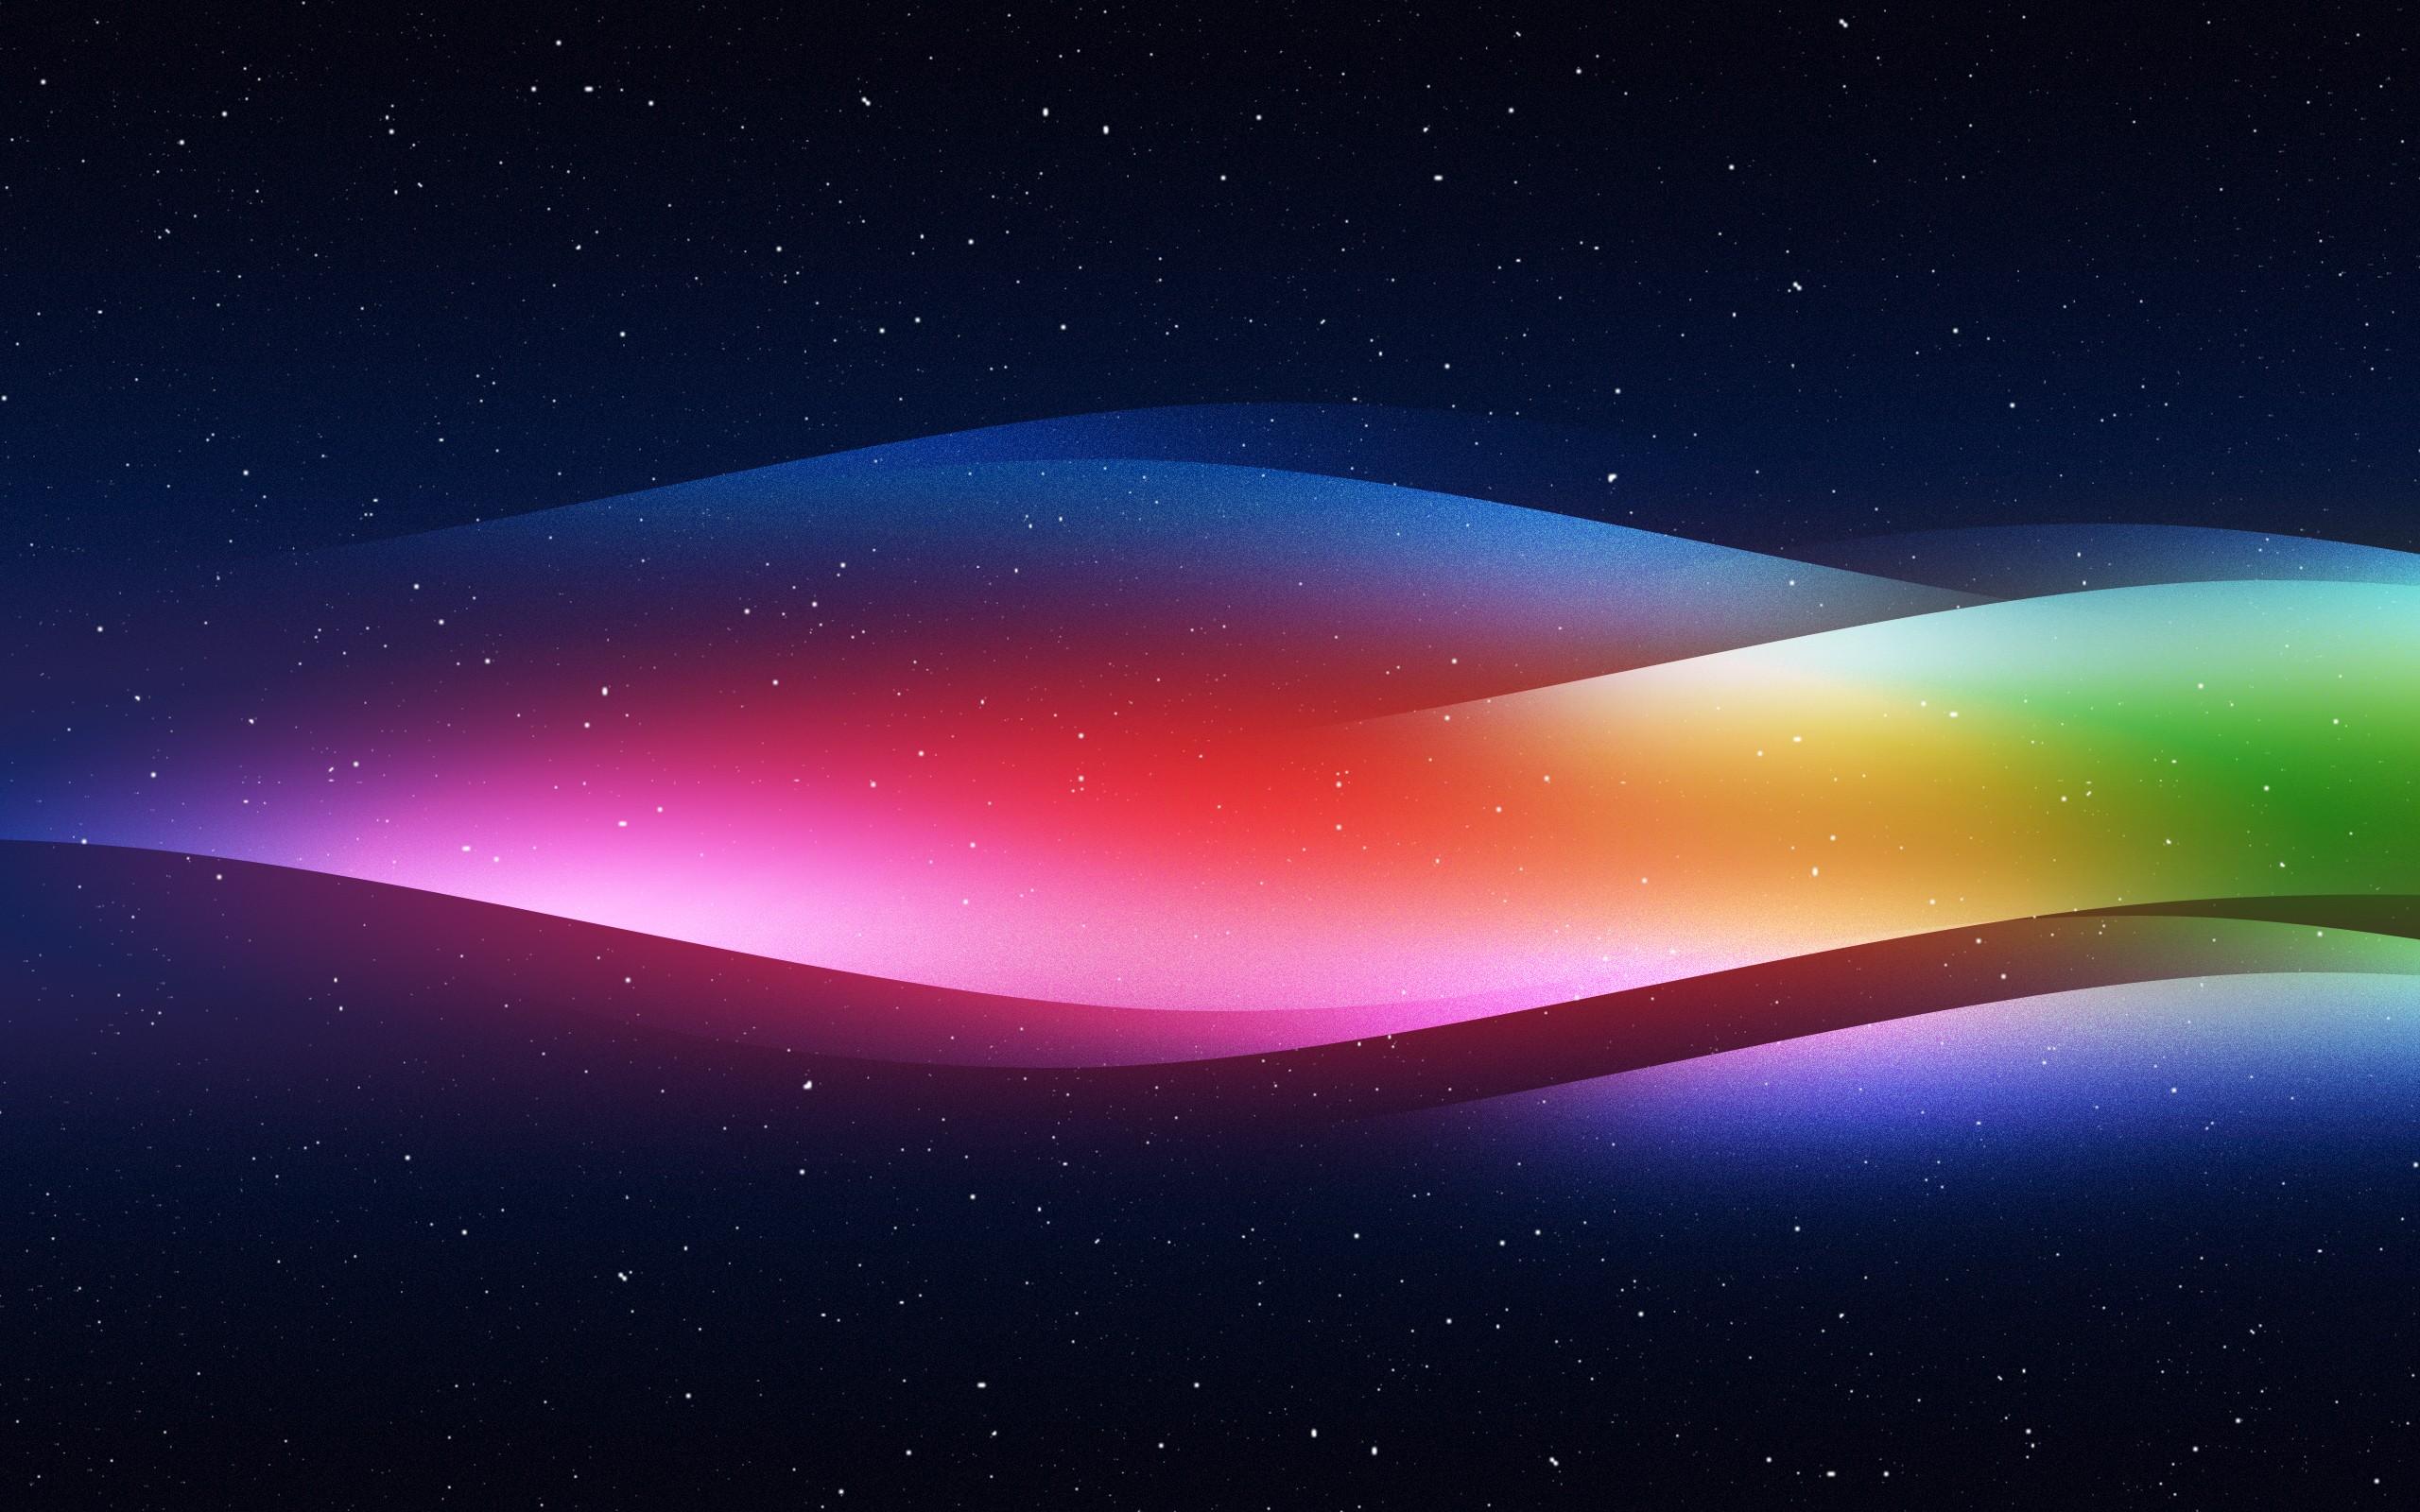 オーロラ 4kデスクトップの壁紙 2560x1600 Wallpapertip